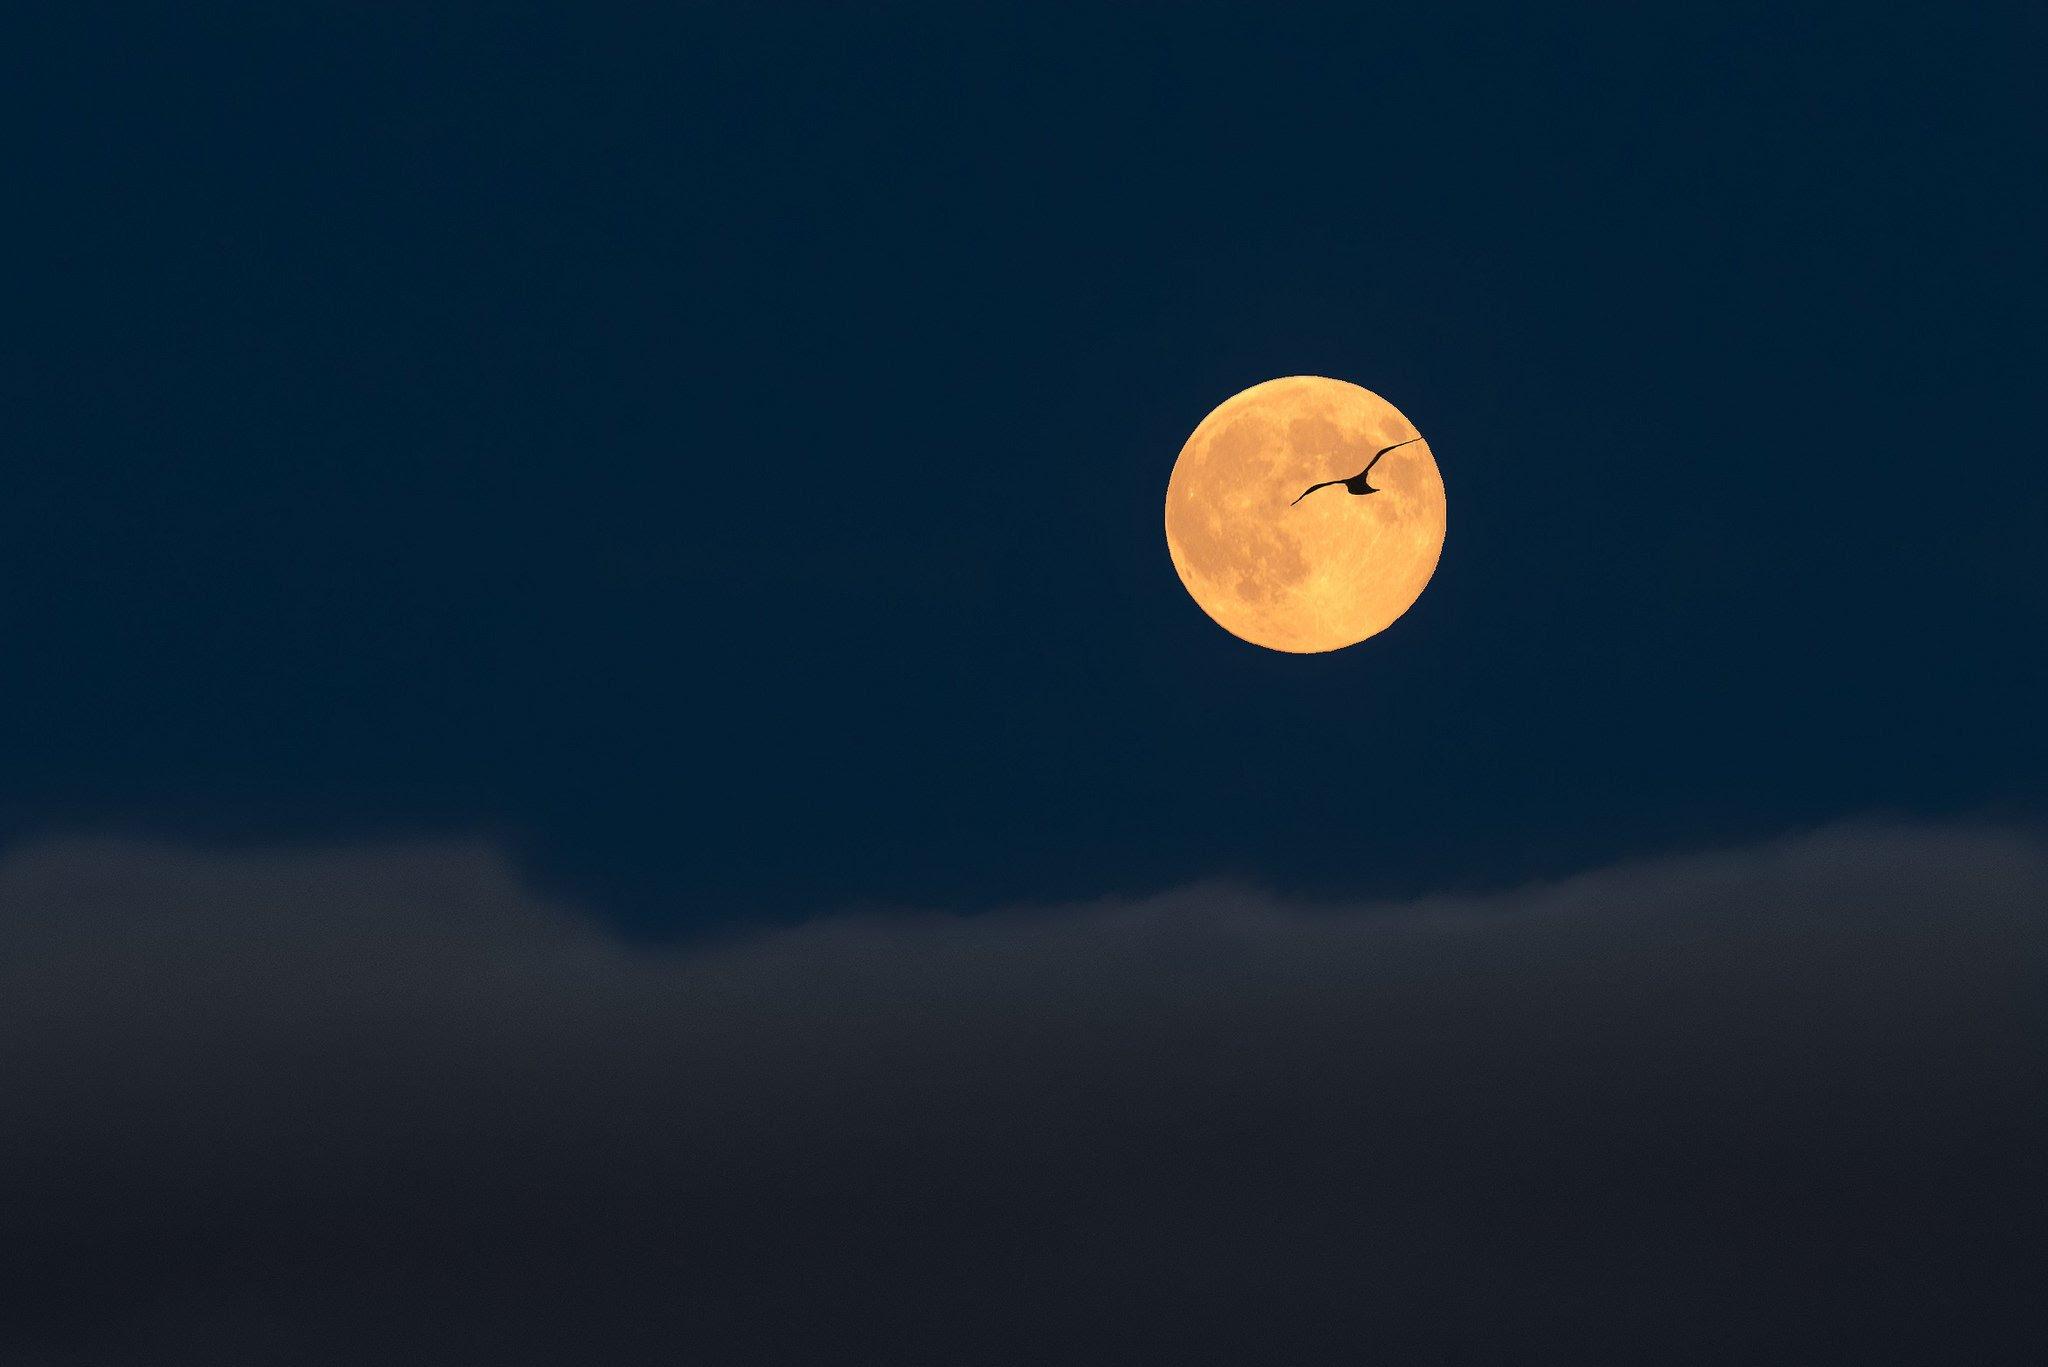 Full moon sky clouds birds flight silhouette landscape